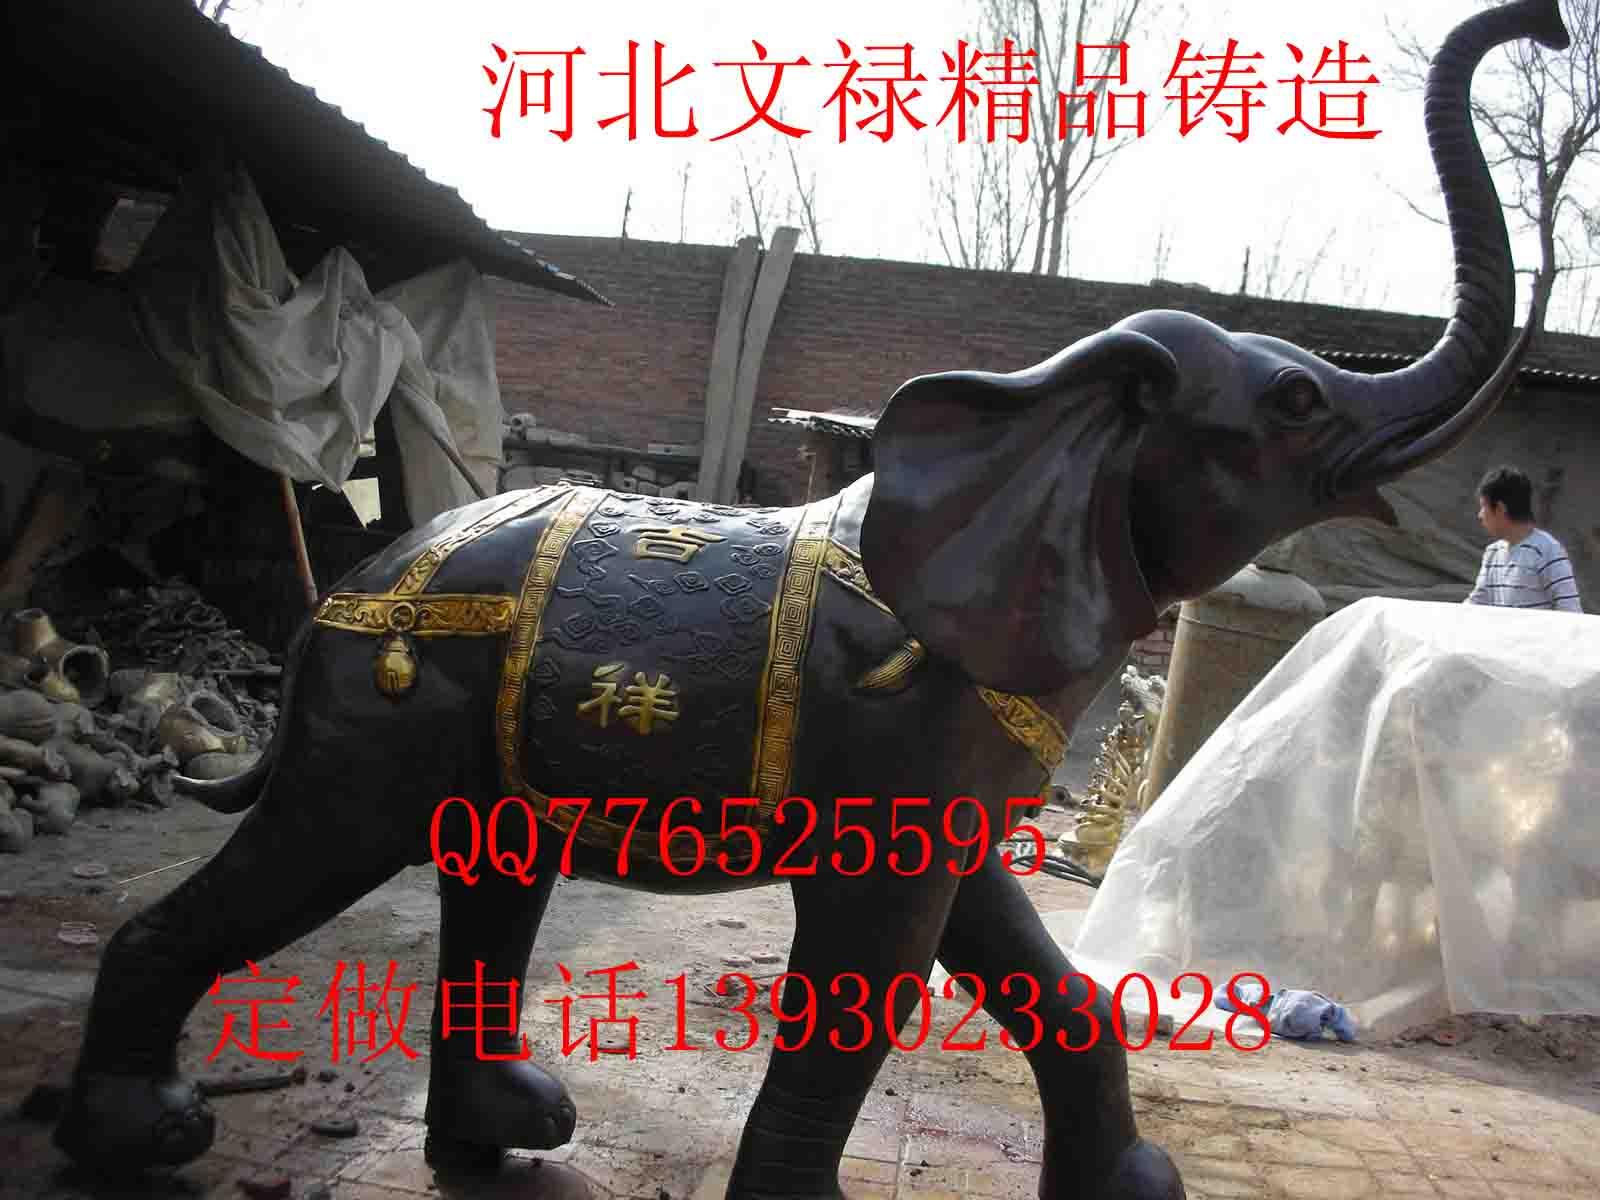 供应铜雕大象文禄工艺品厂工艺大象雕塑铜雕大象